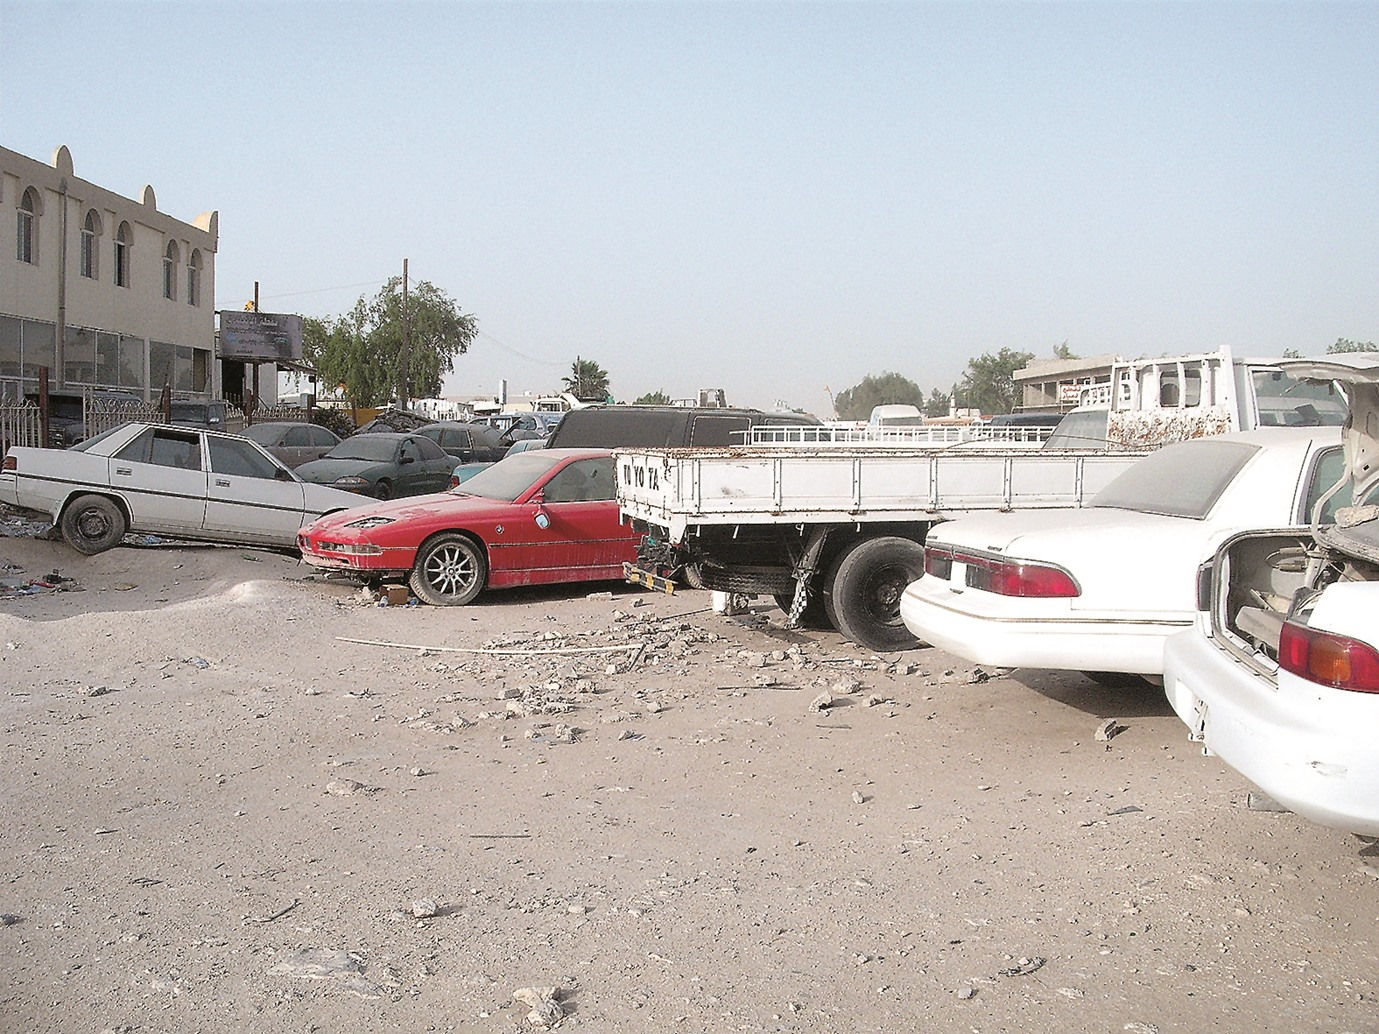 قطر: حملة سحب ومخالفة السيارات المهملة والمخالفة لقانون المرور